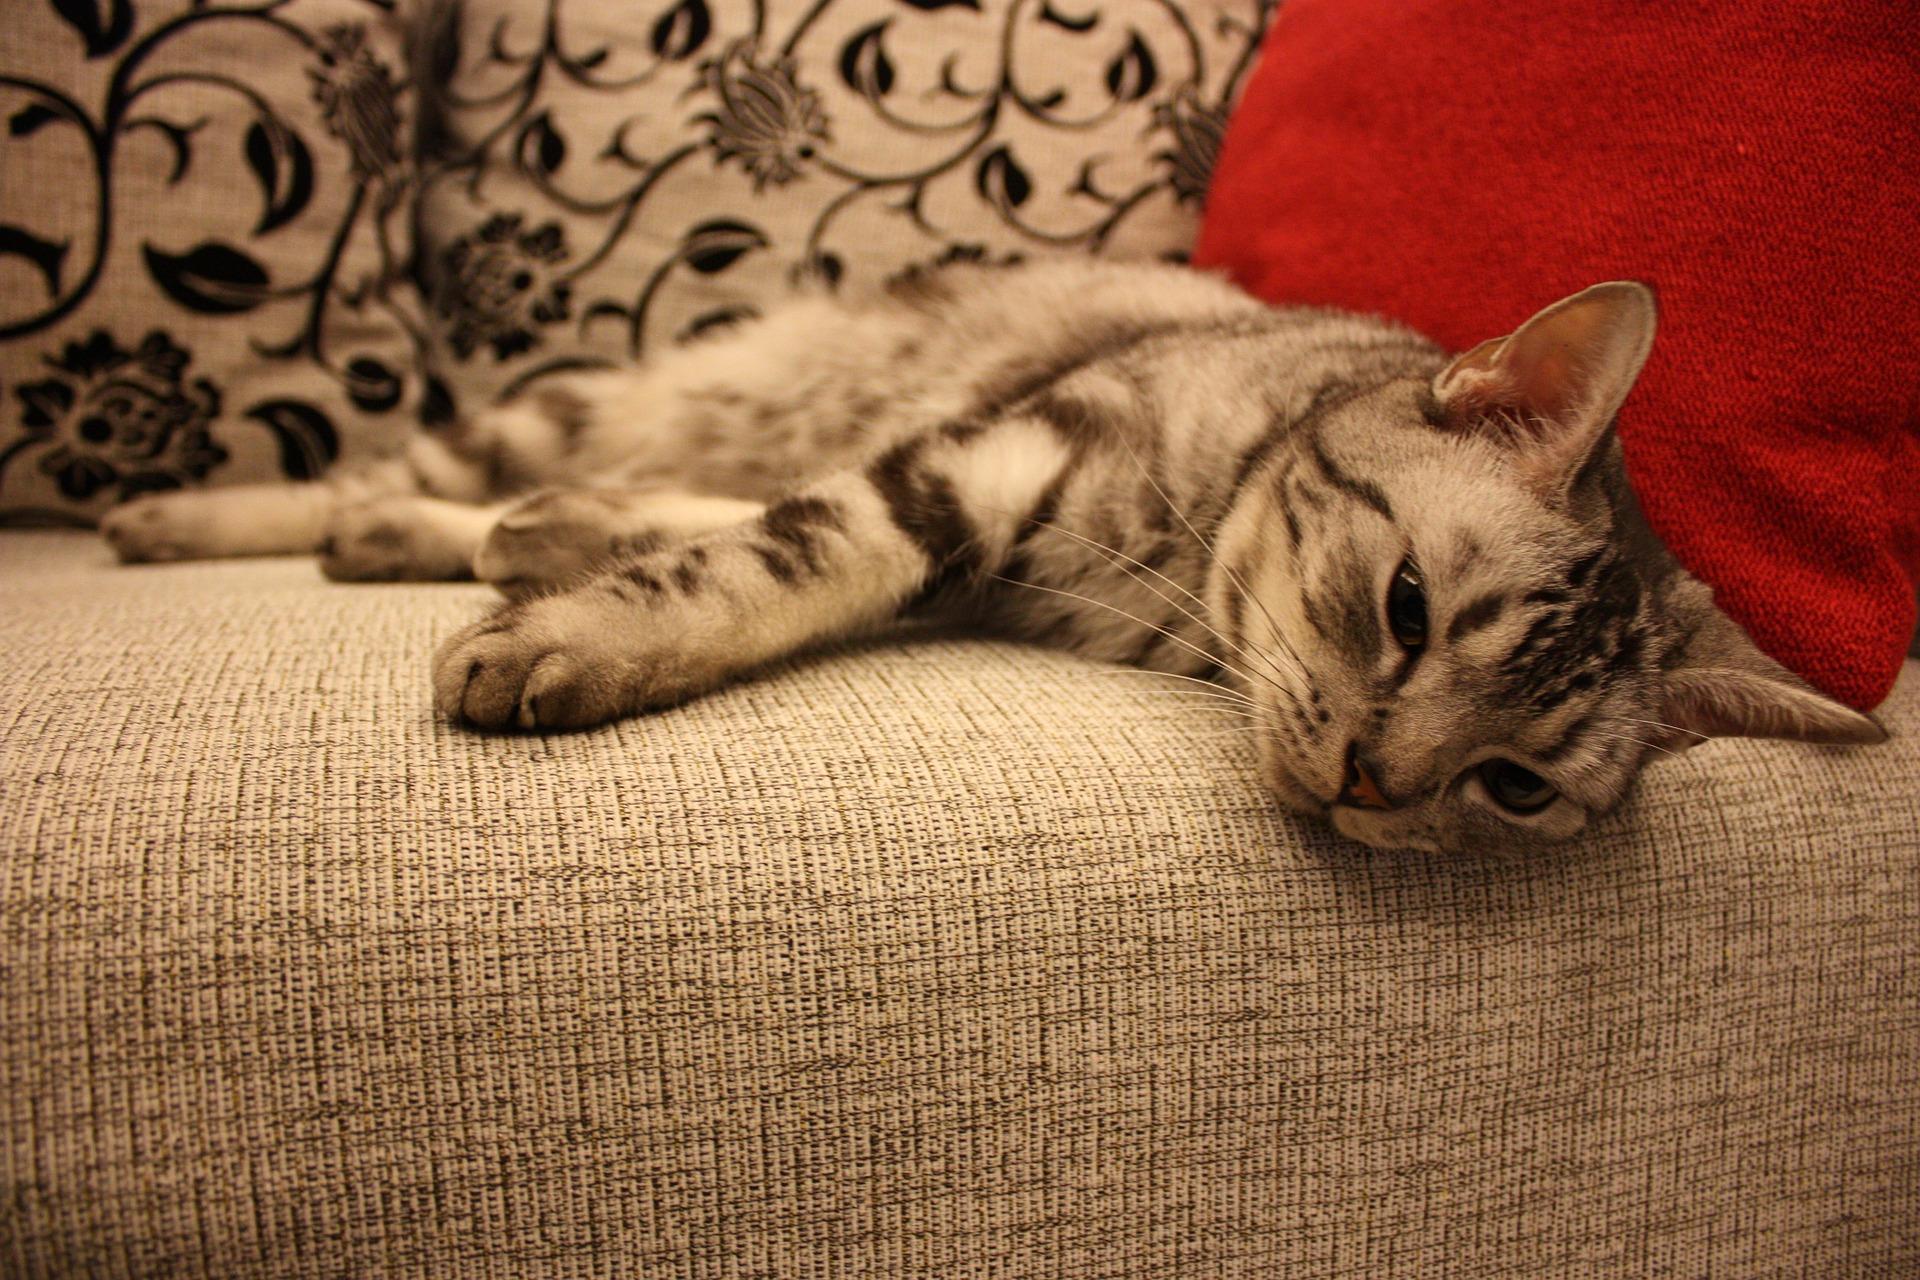 cat-682009_1920